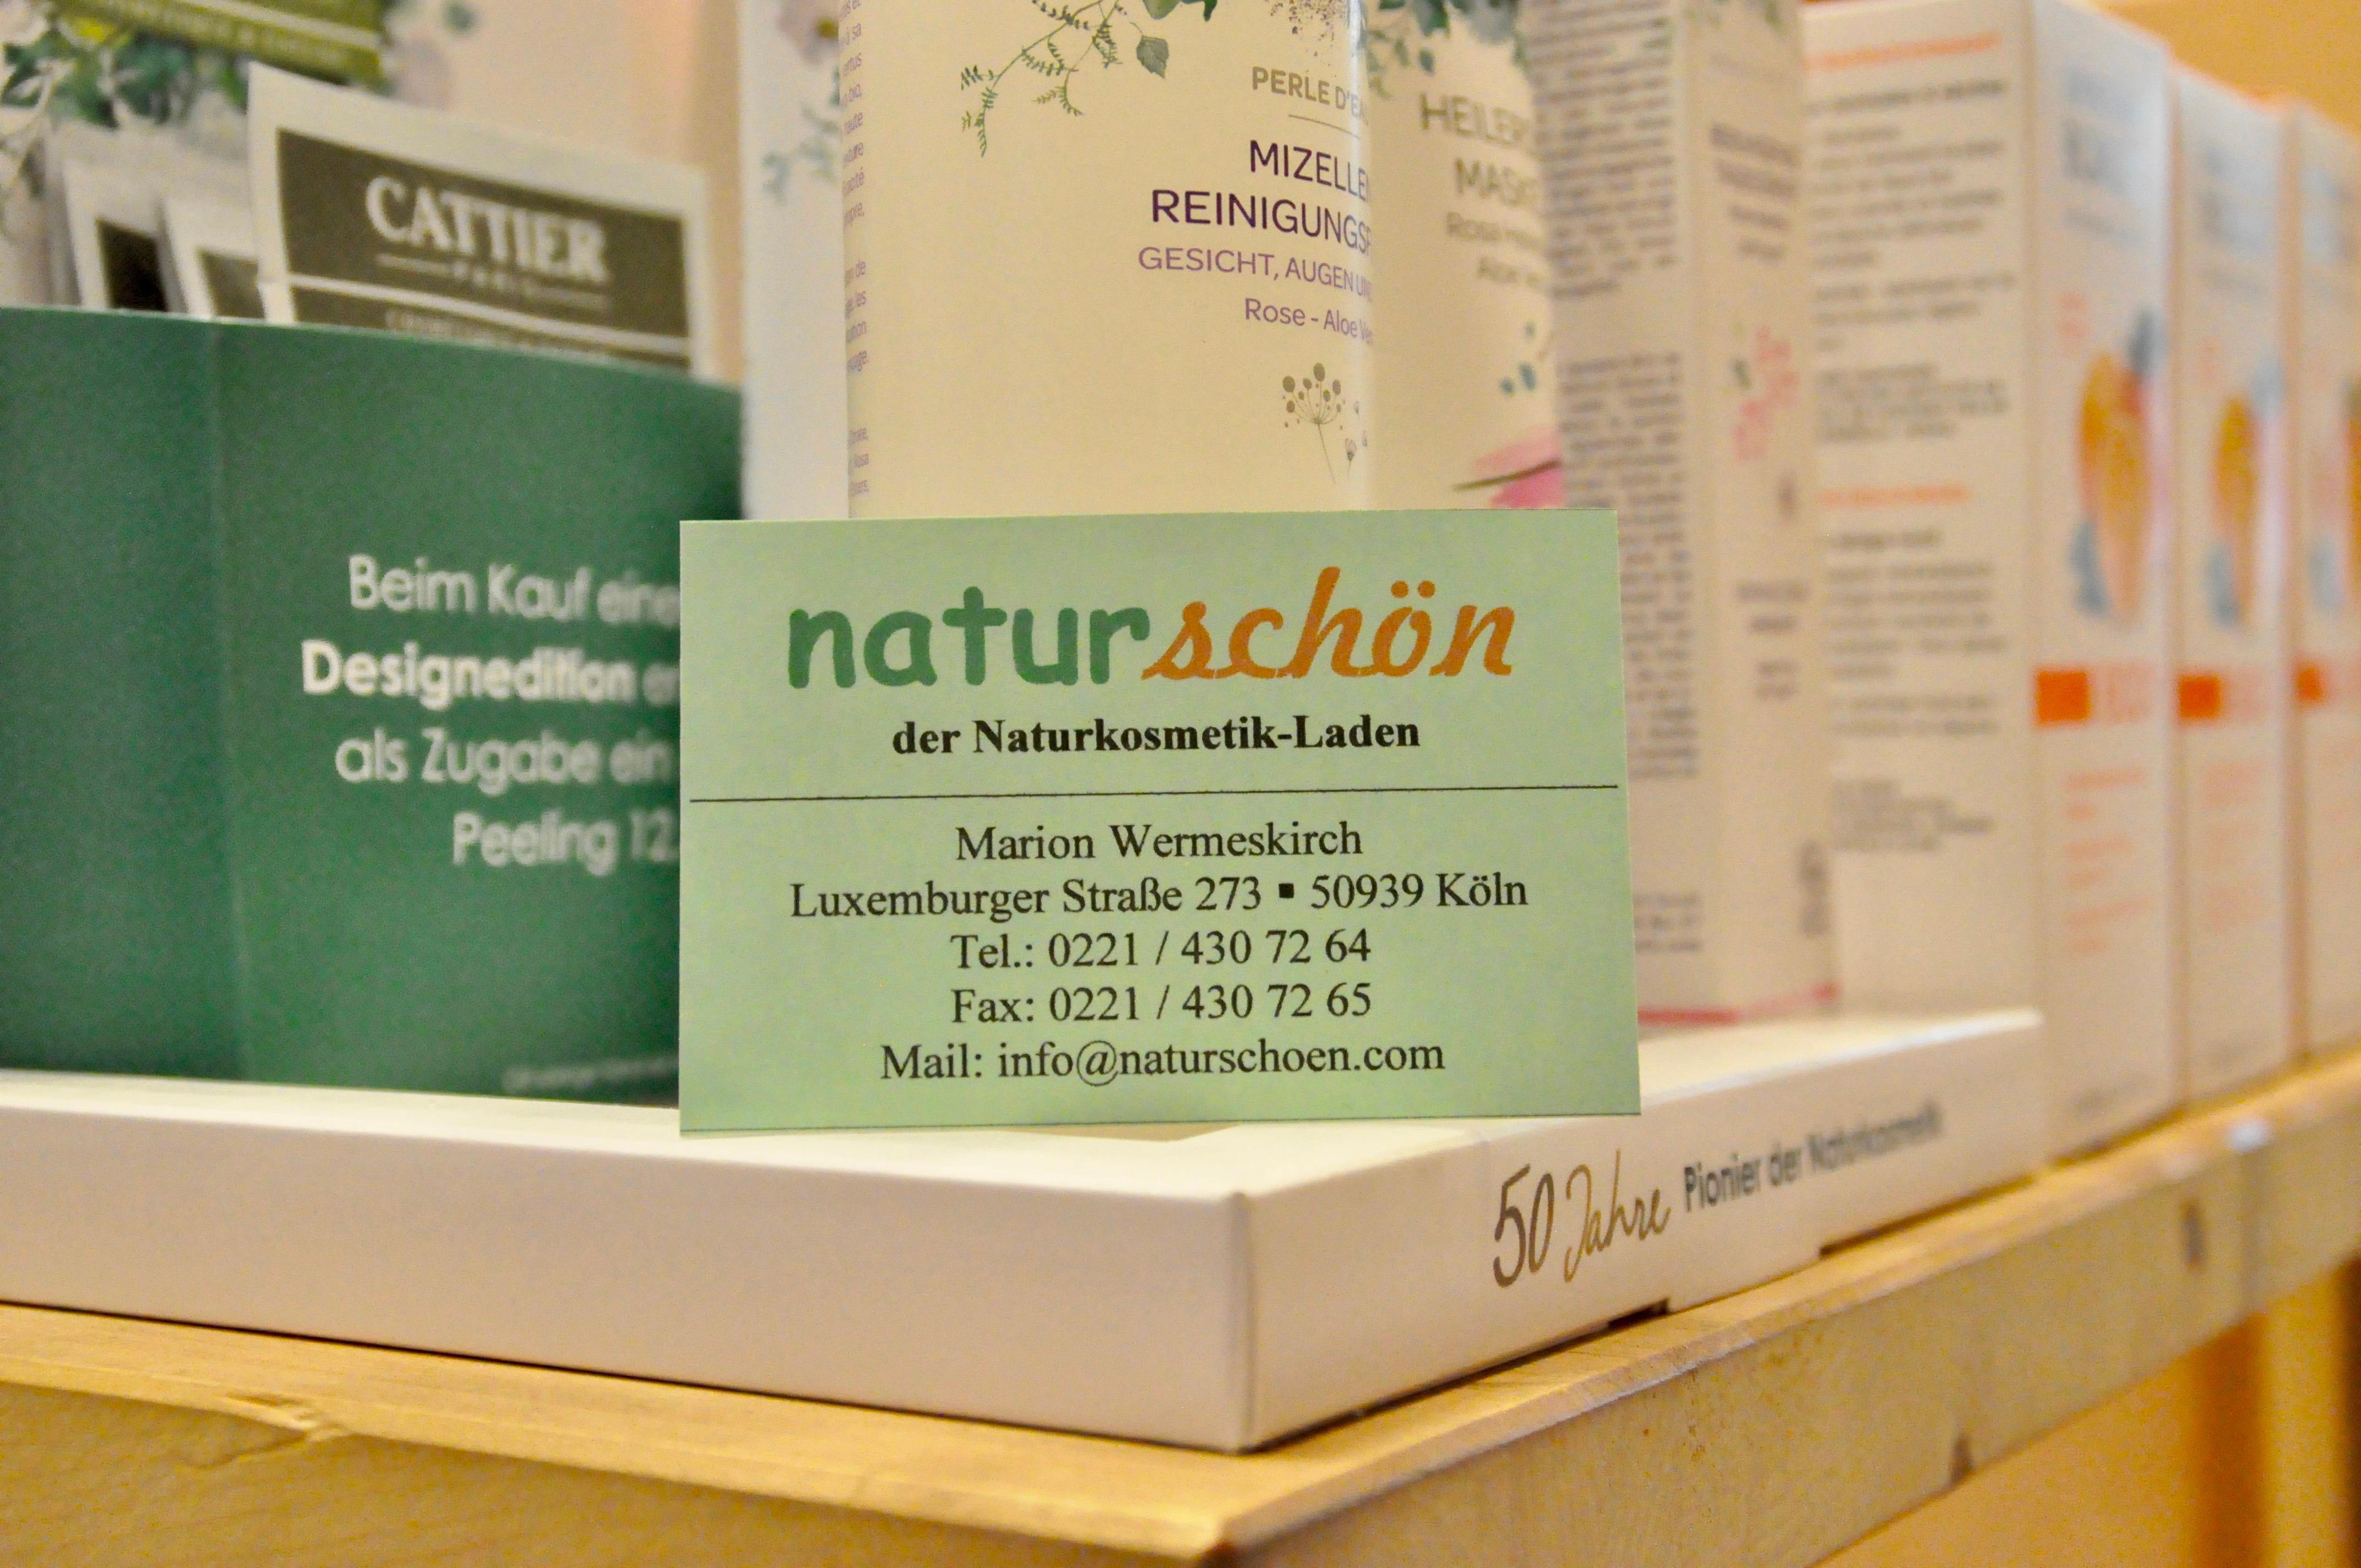 Naturschön - Der Naturkosmetik-Laden Köln